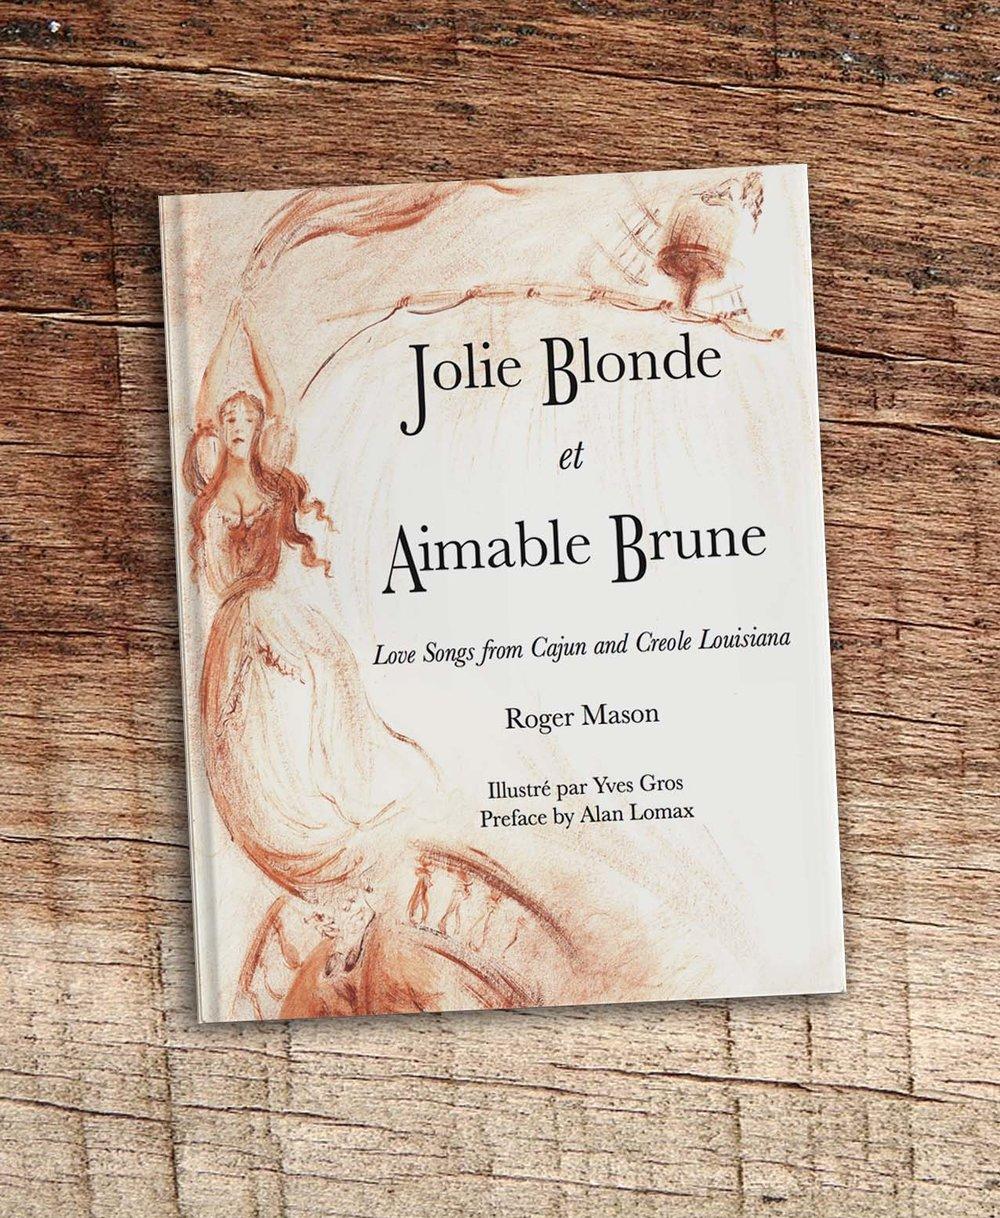 Praise for jolie blonde - ffff